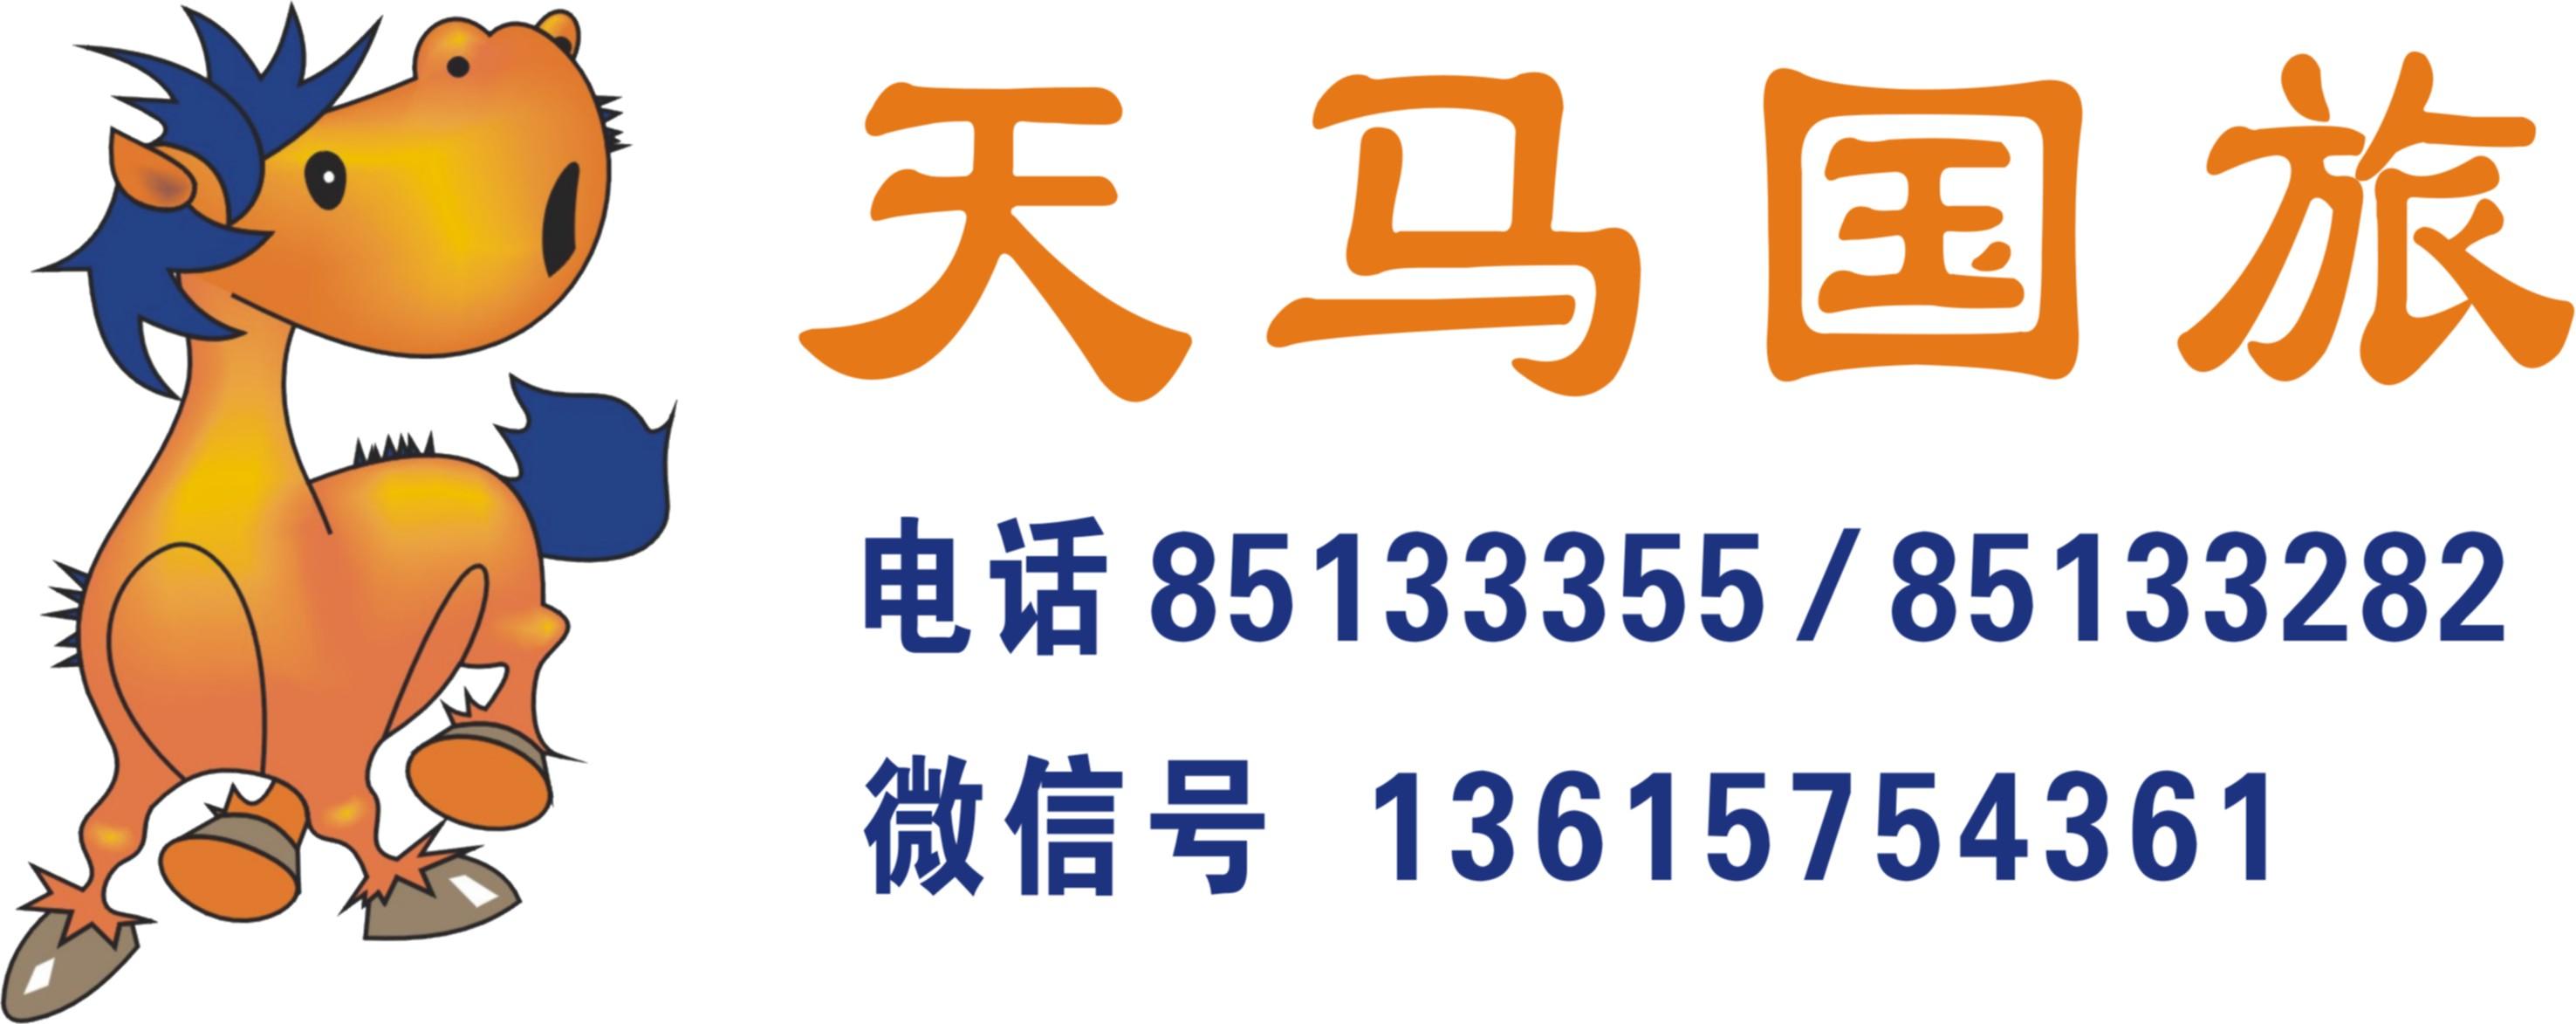 10月【乐游鹭岛 厦门鼓浪屿、云上厦门、南普陀双动特价三日】